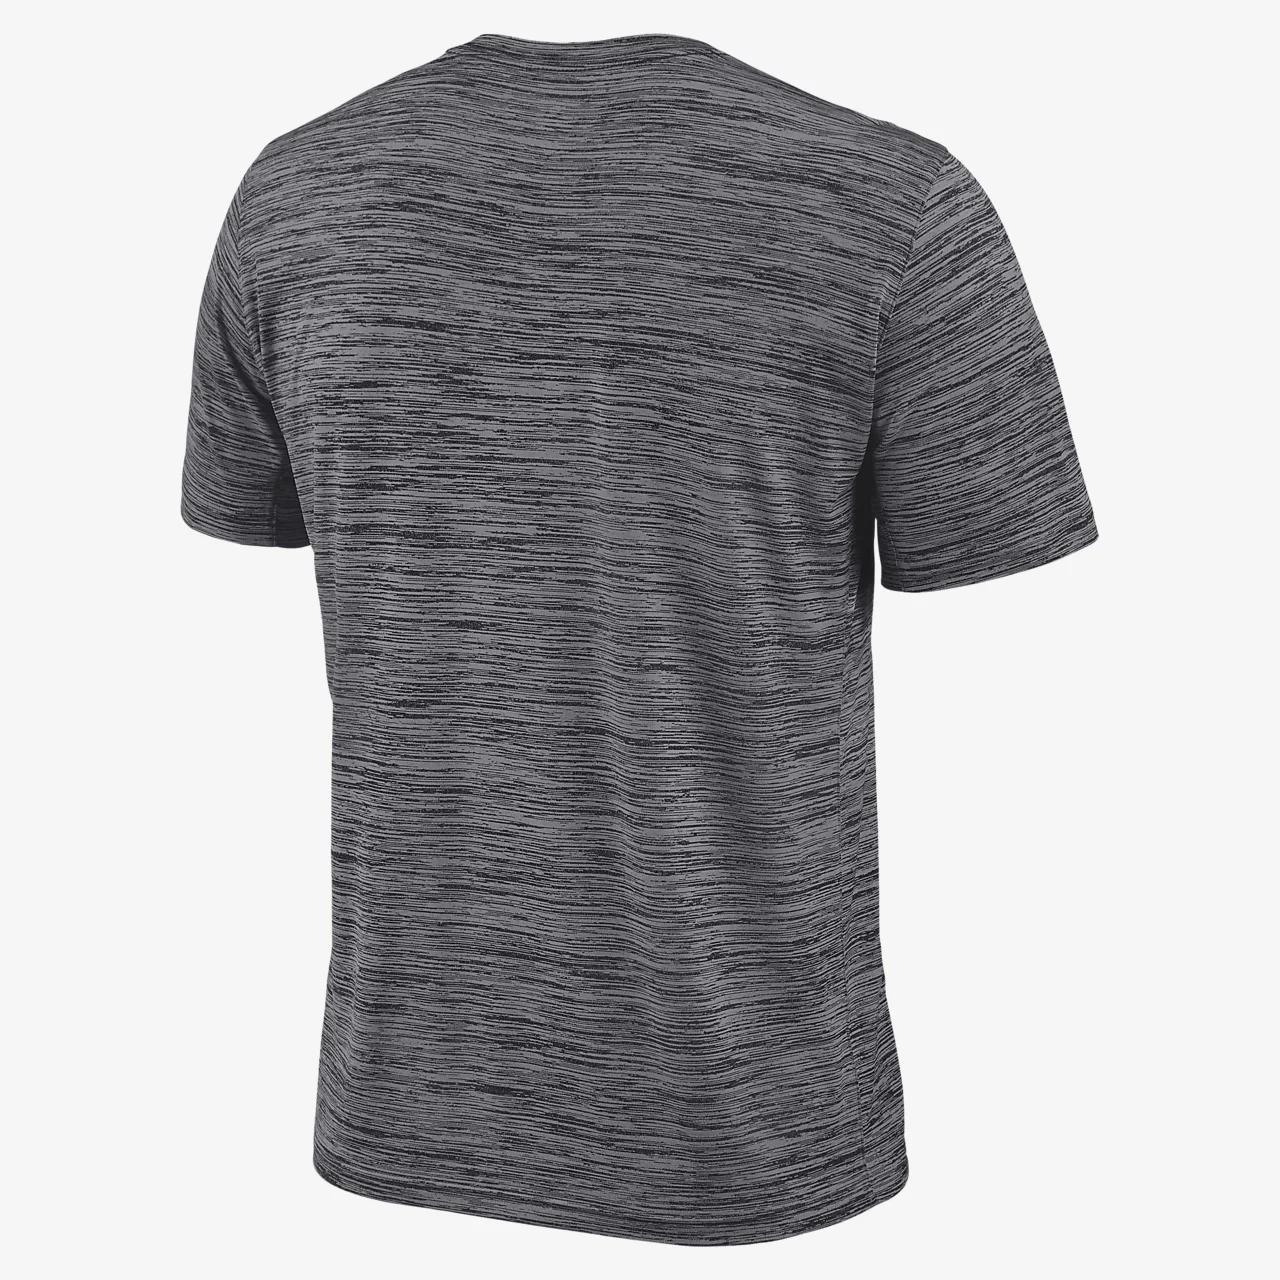 나이키 칼리지 드라이핏 벨로시티(오레곤) 남성 티셔츠 CT7611-021